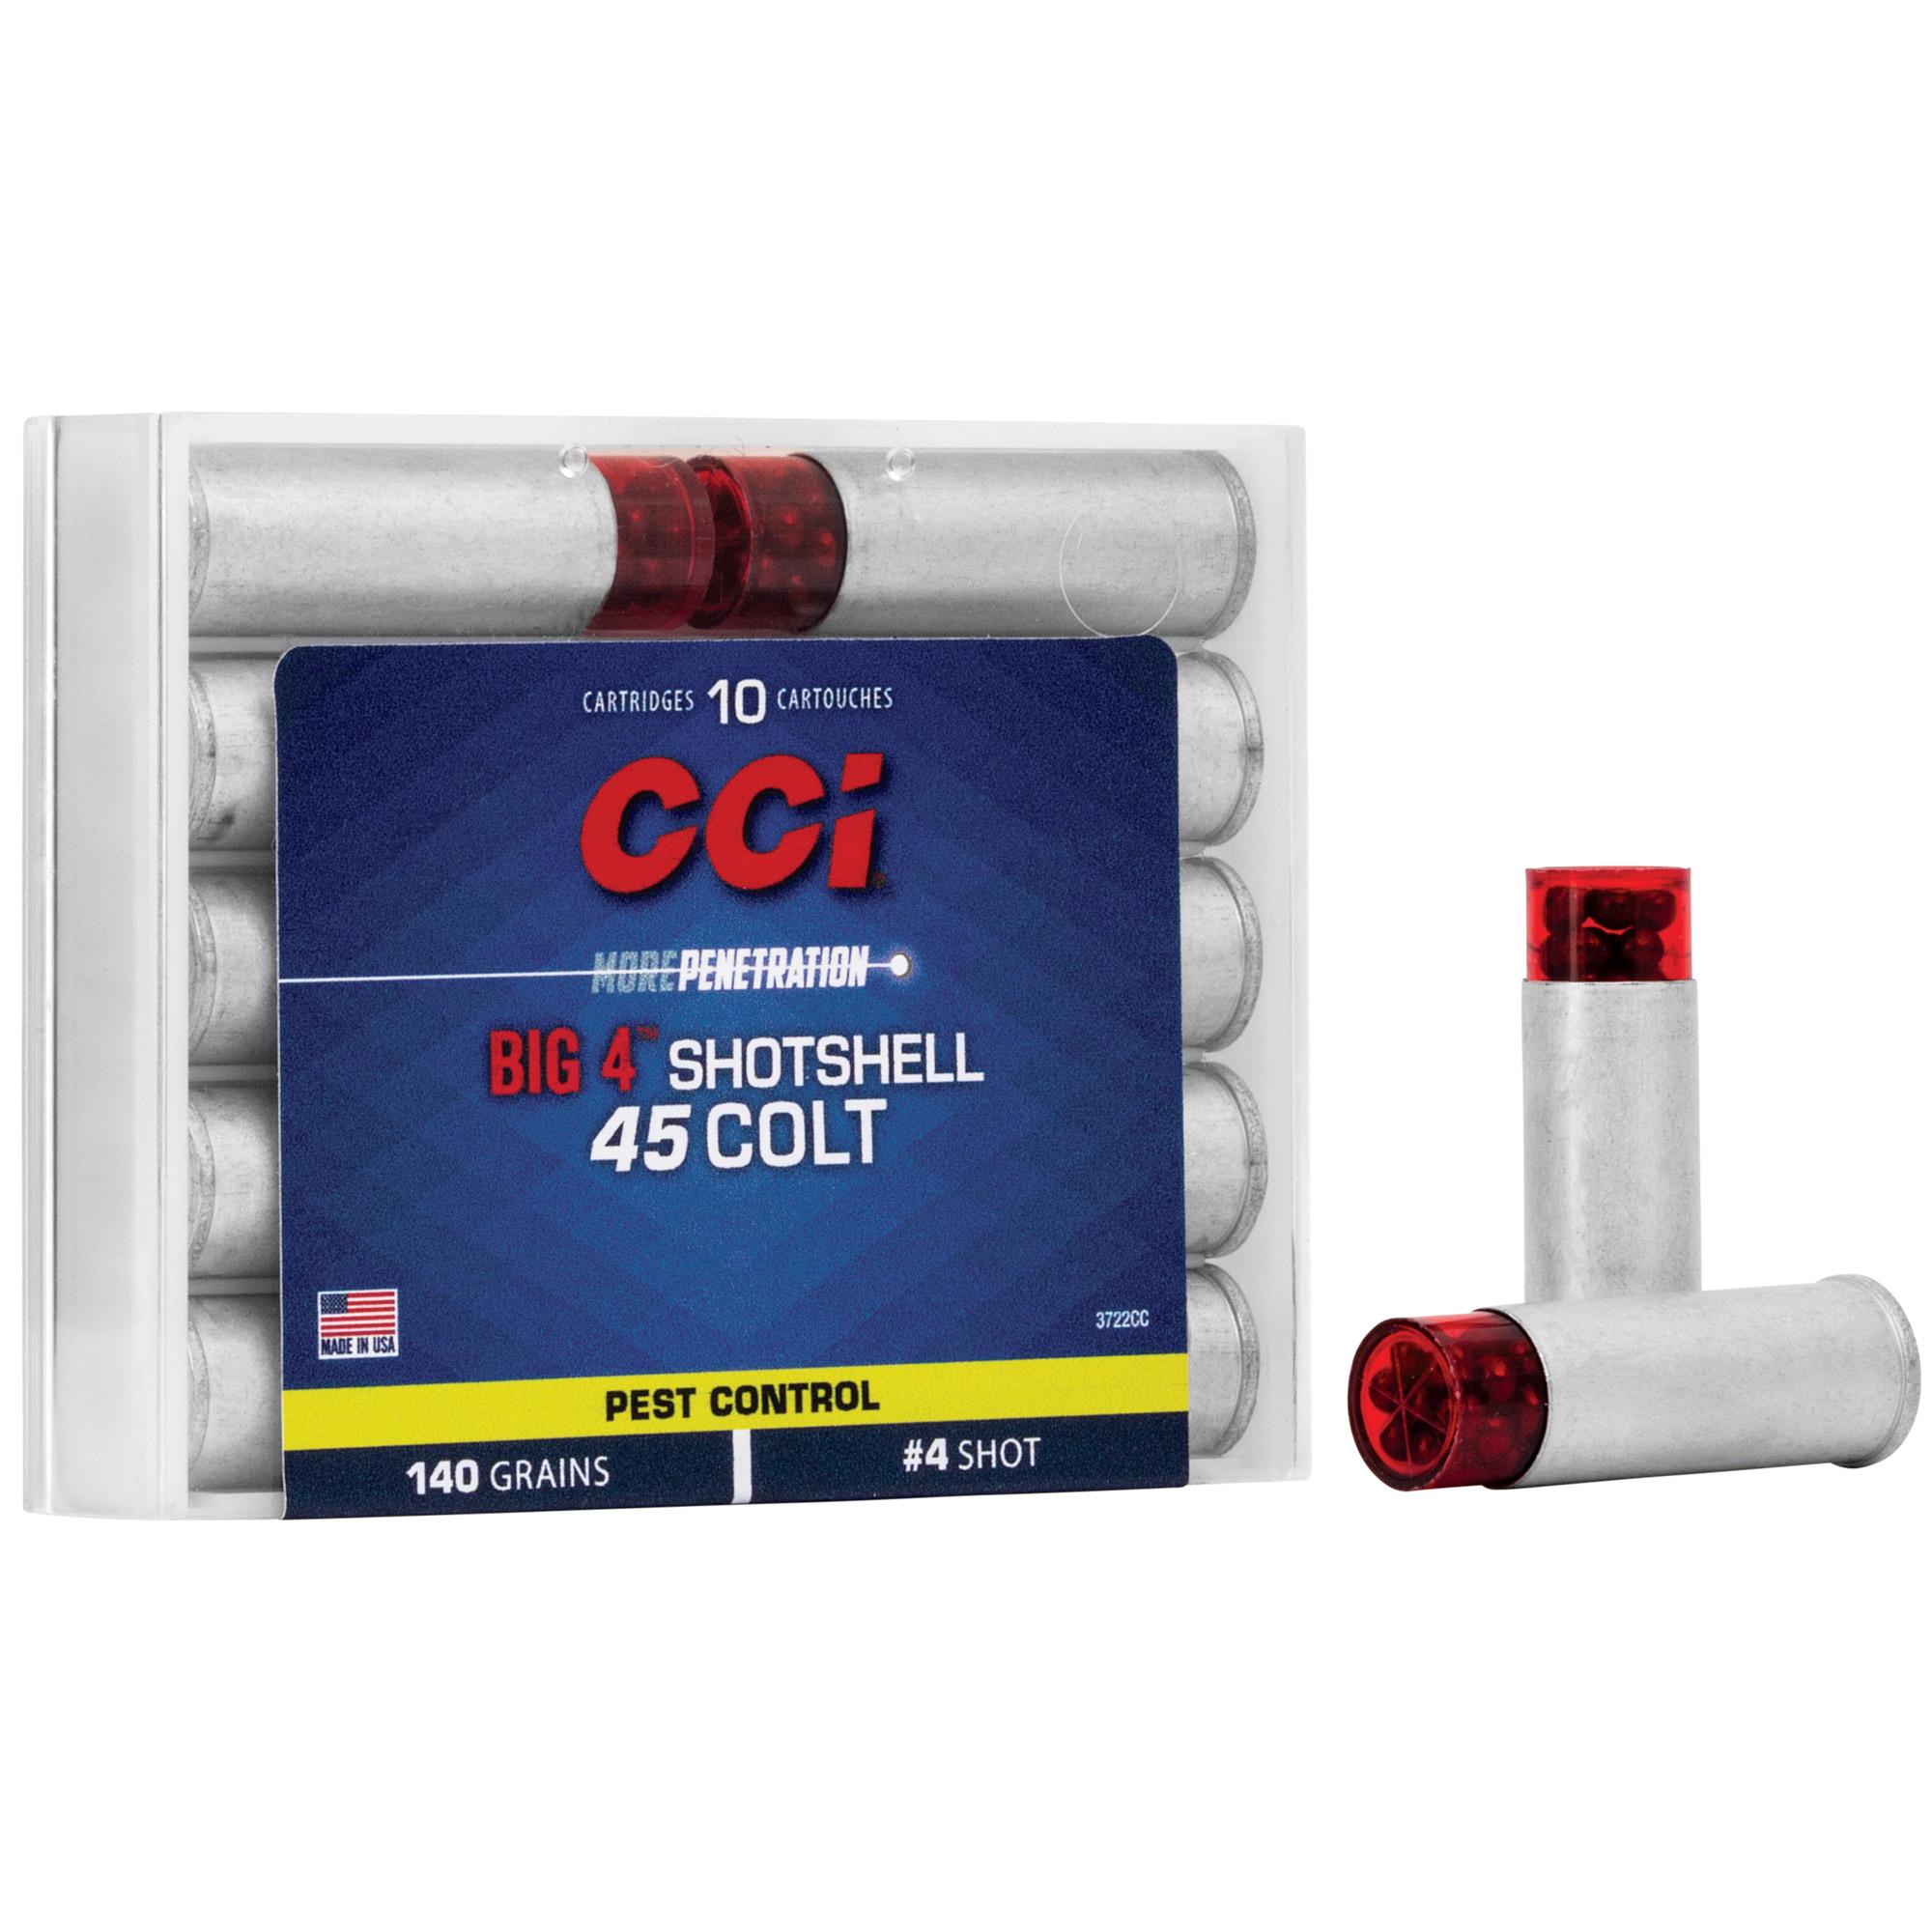 Cci 45lc #4 Shotshell10/200